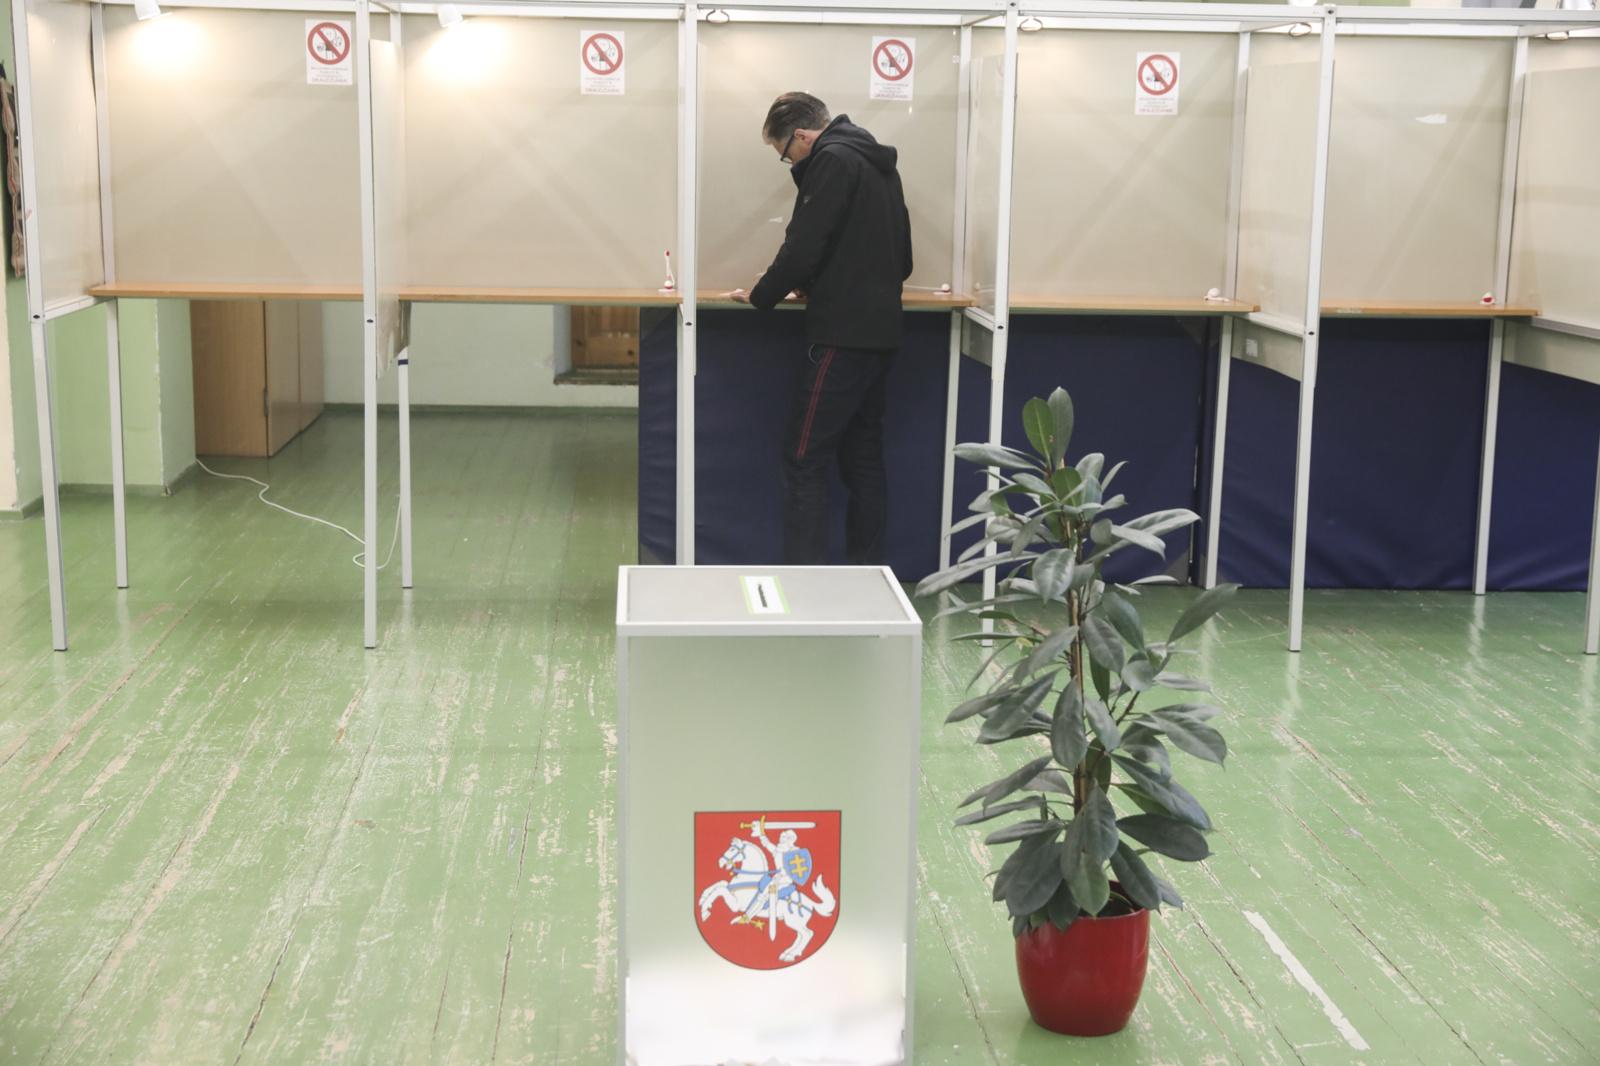 Vienas referendumas įvyko, tačiau pritrūko balsų, kitas laikomas neįvykusiu